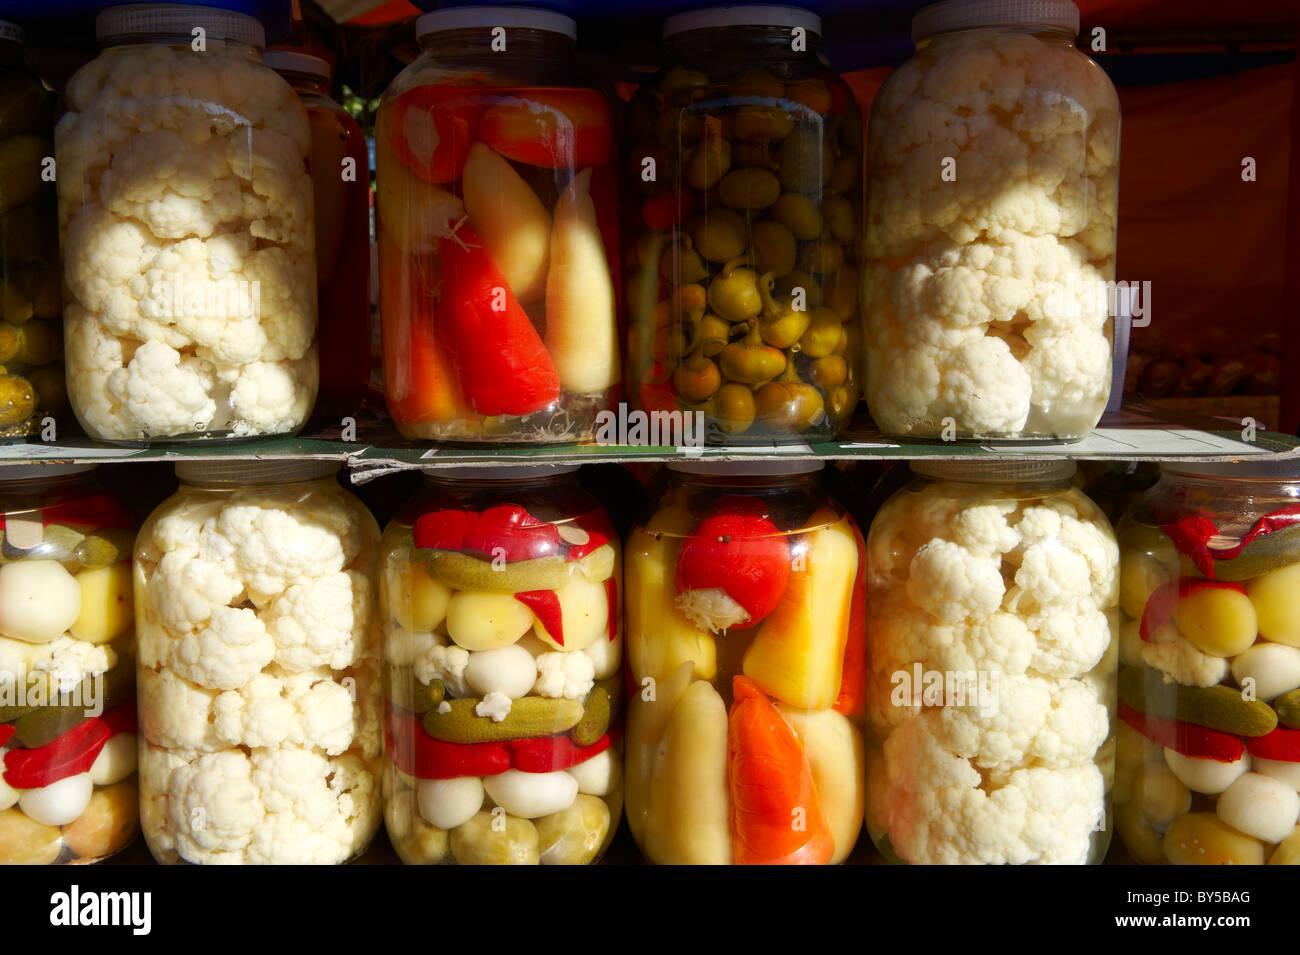 Eingelegtes Gemüse - Ungarisch Stockbild